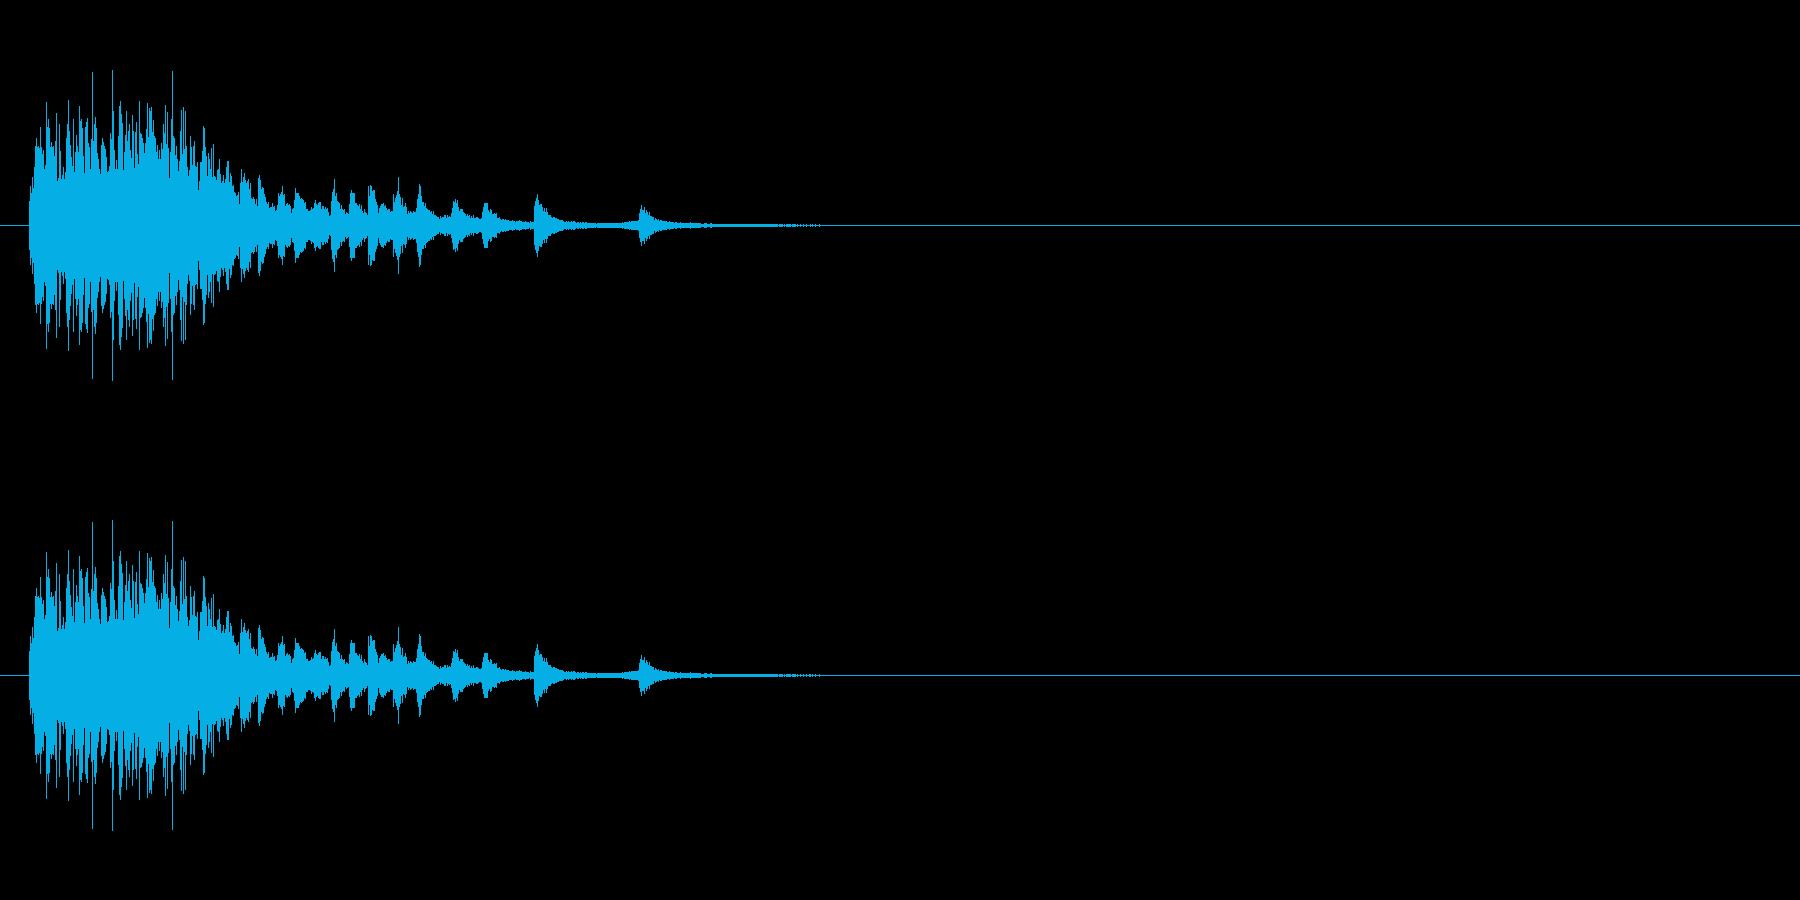 ホラー サスペンスなどの効果音に最適3の再生済みの波形